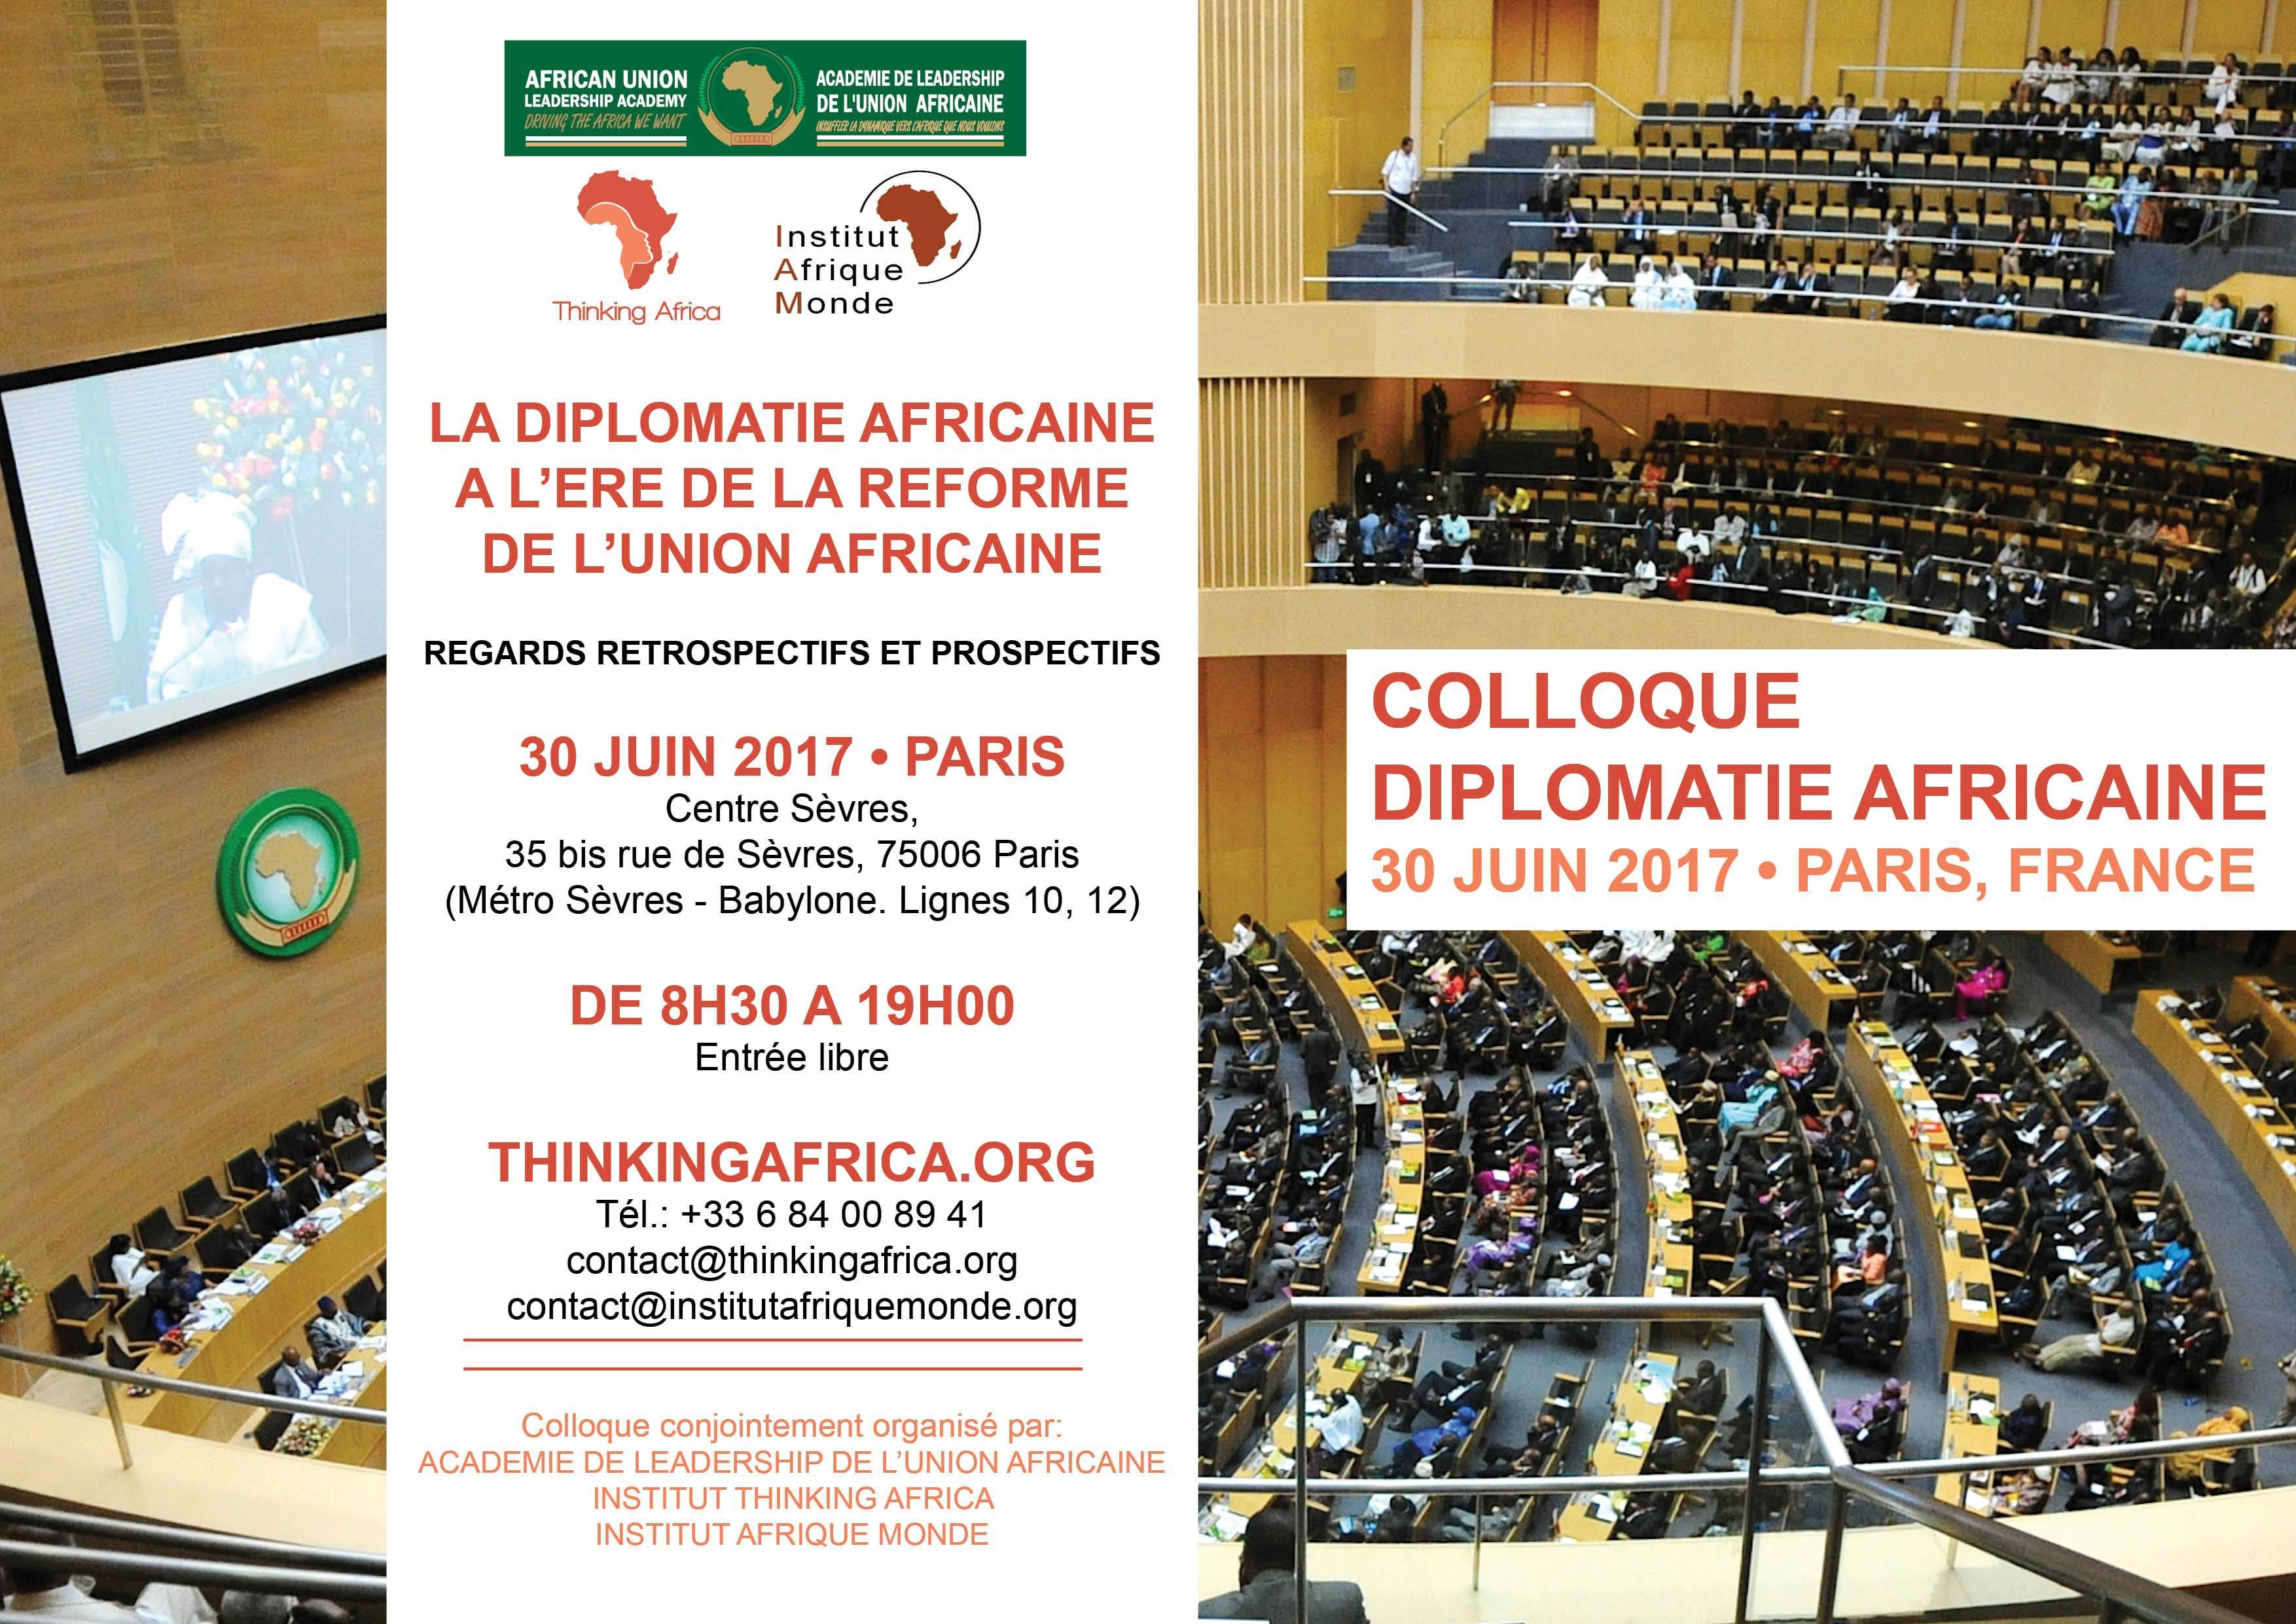 LA DIPLOMATIE AFRICAINE A LERE DE LA REFORME DE L'UNION AFRICAINE : ENTRE DEFIS ET OPPORTUNITES